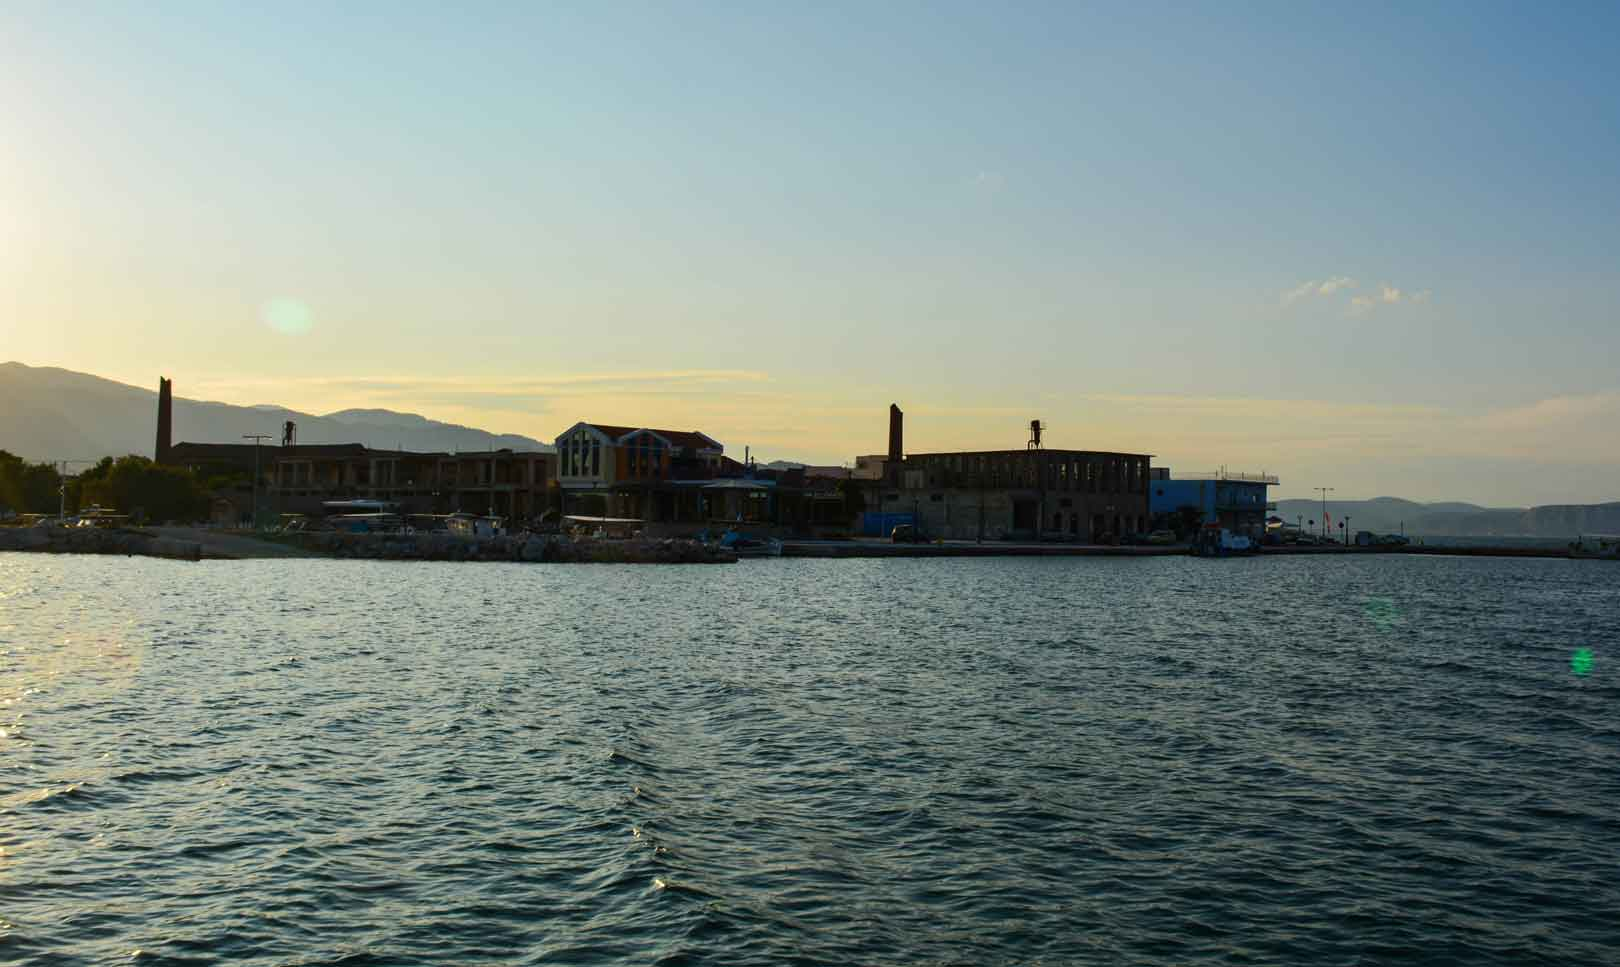 Πέραμα λιμάνι Λέσβος